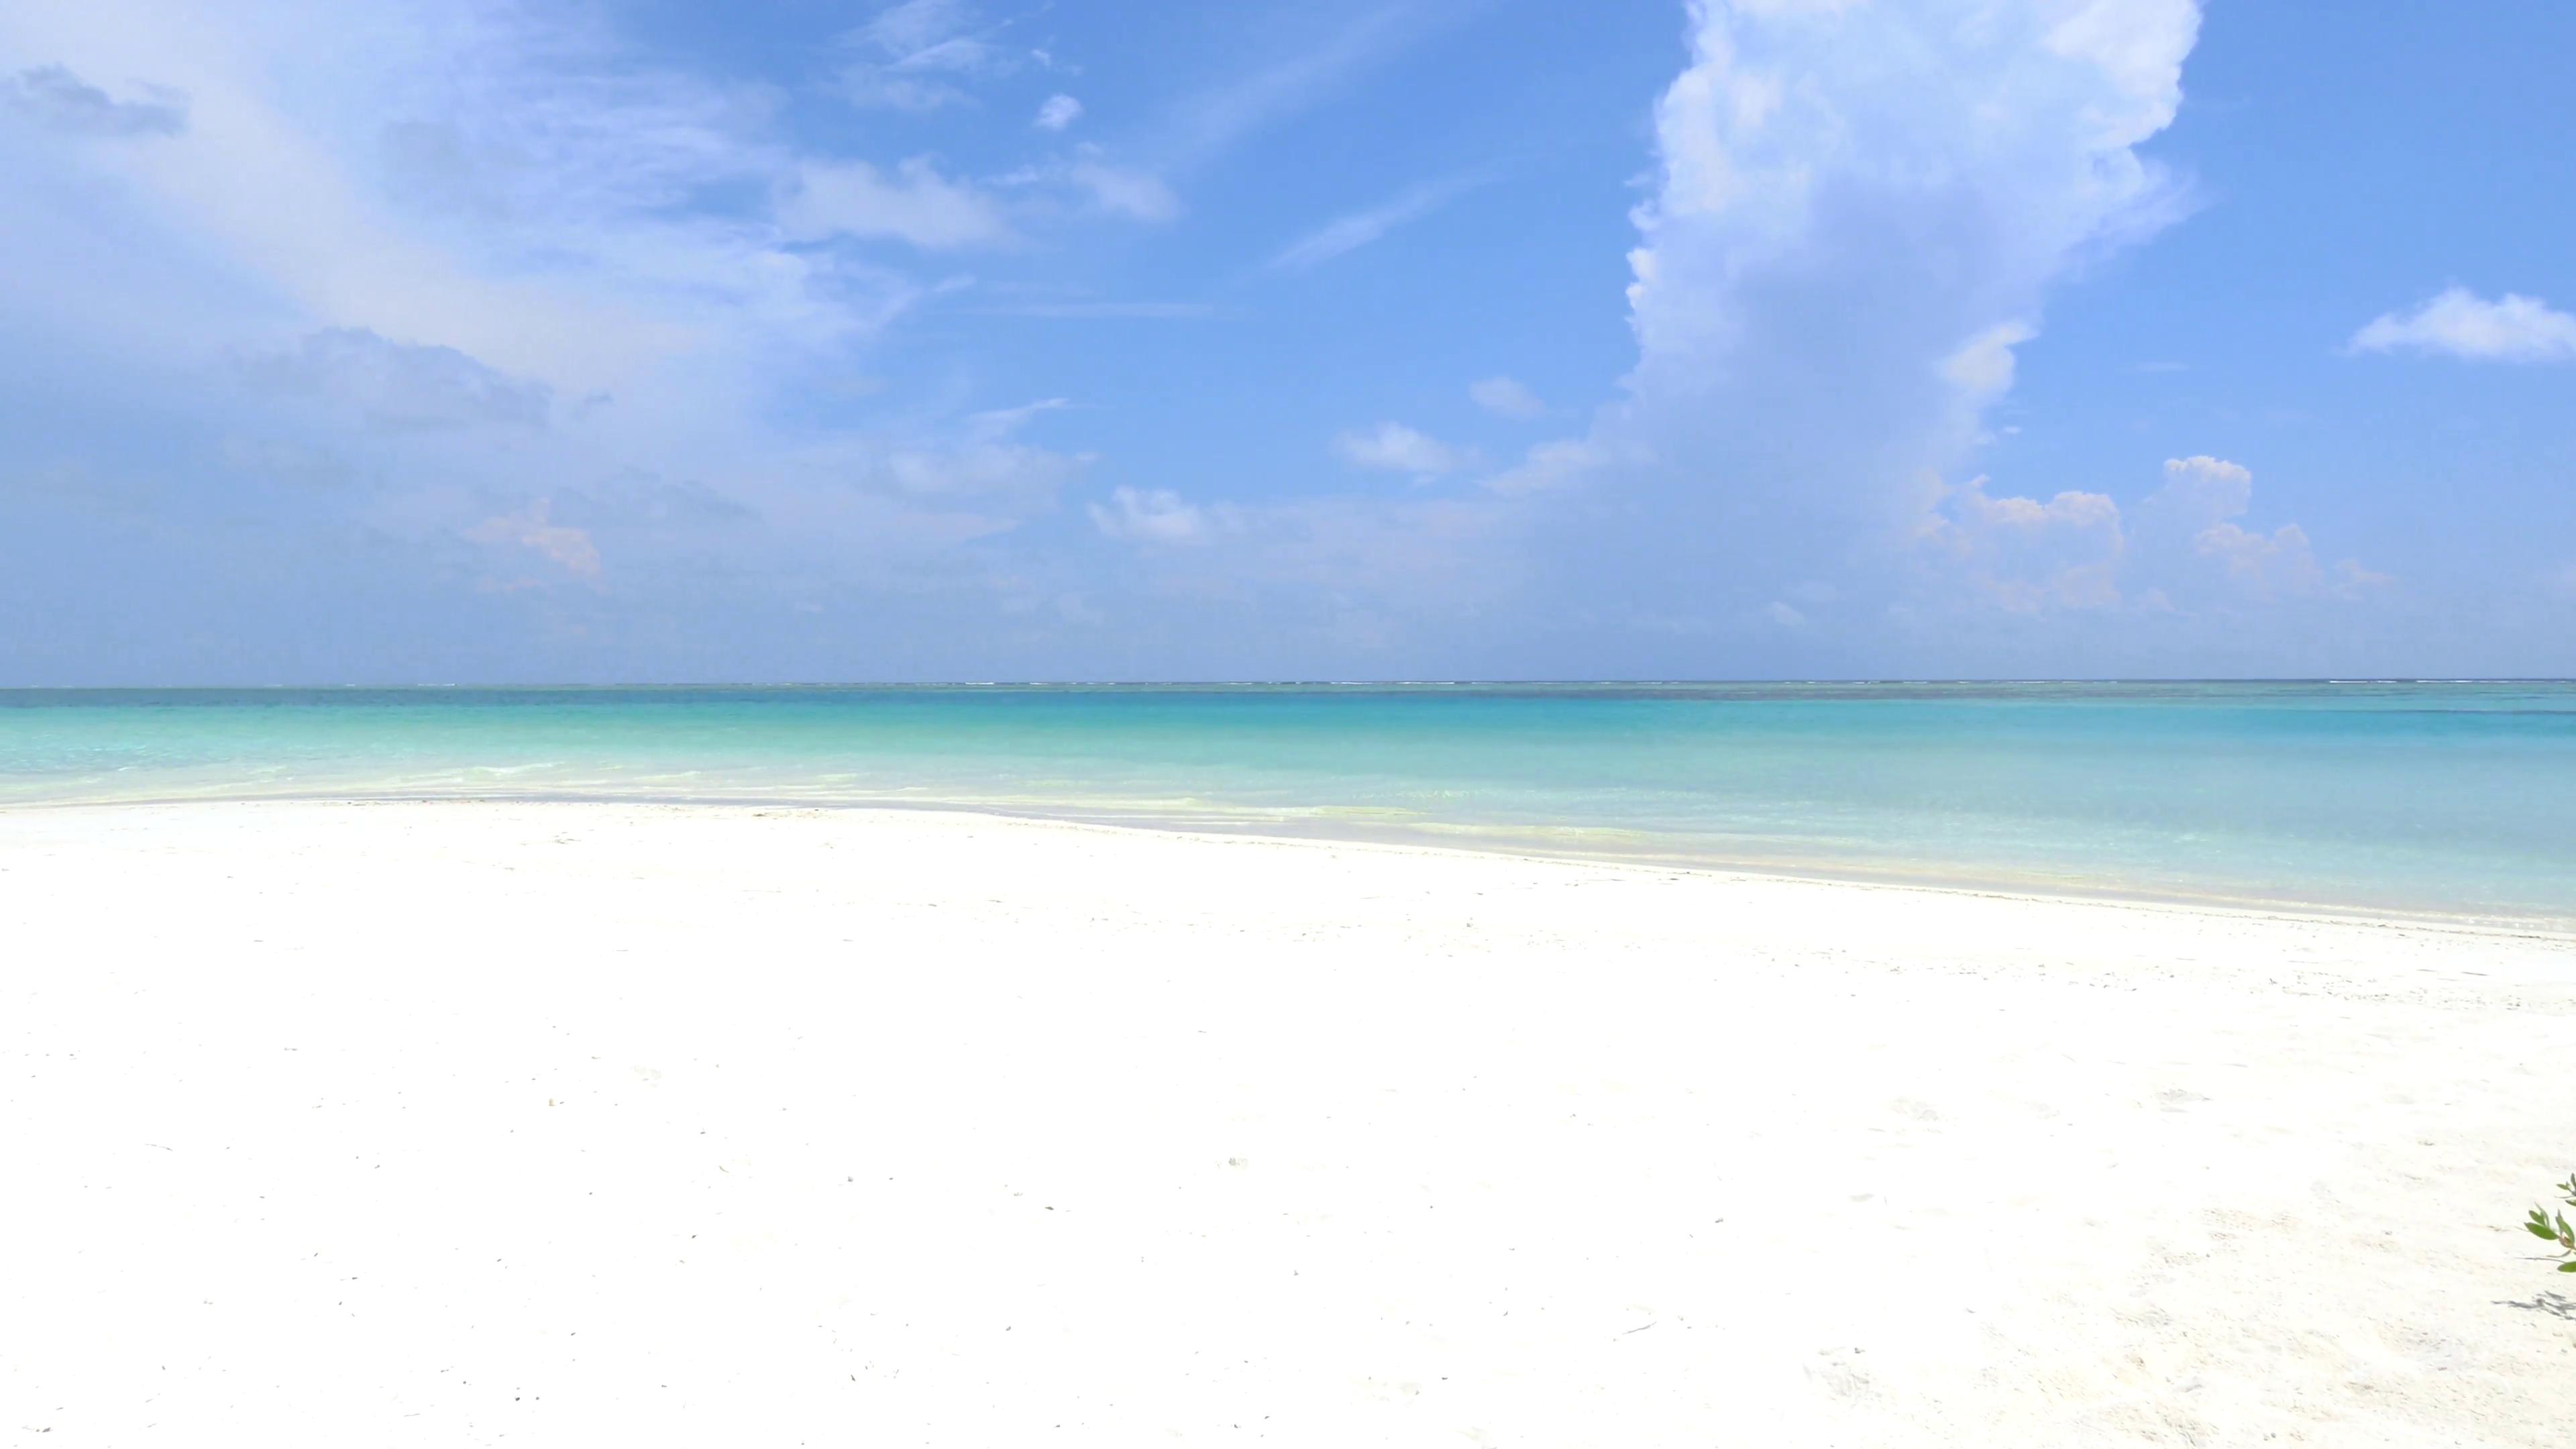 White Sandy Beach Blue Ocean